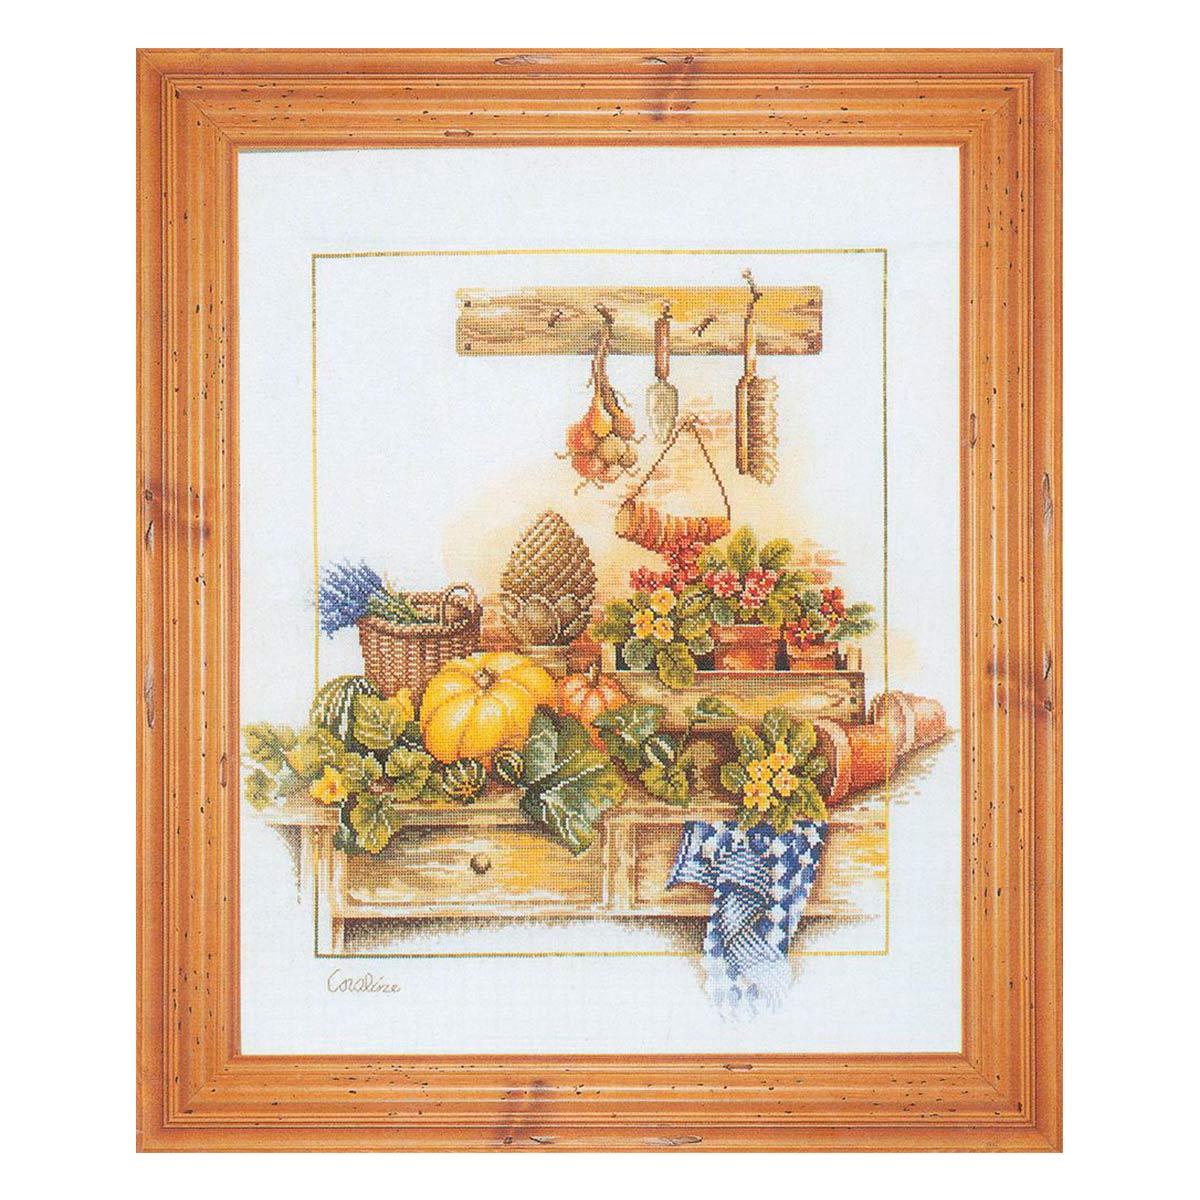 0007971-PN Набор для вышивания LanArte 'Композиция на кухне' 48x56 см